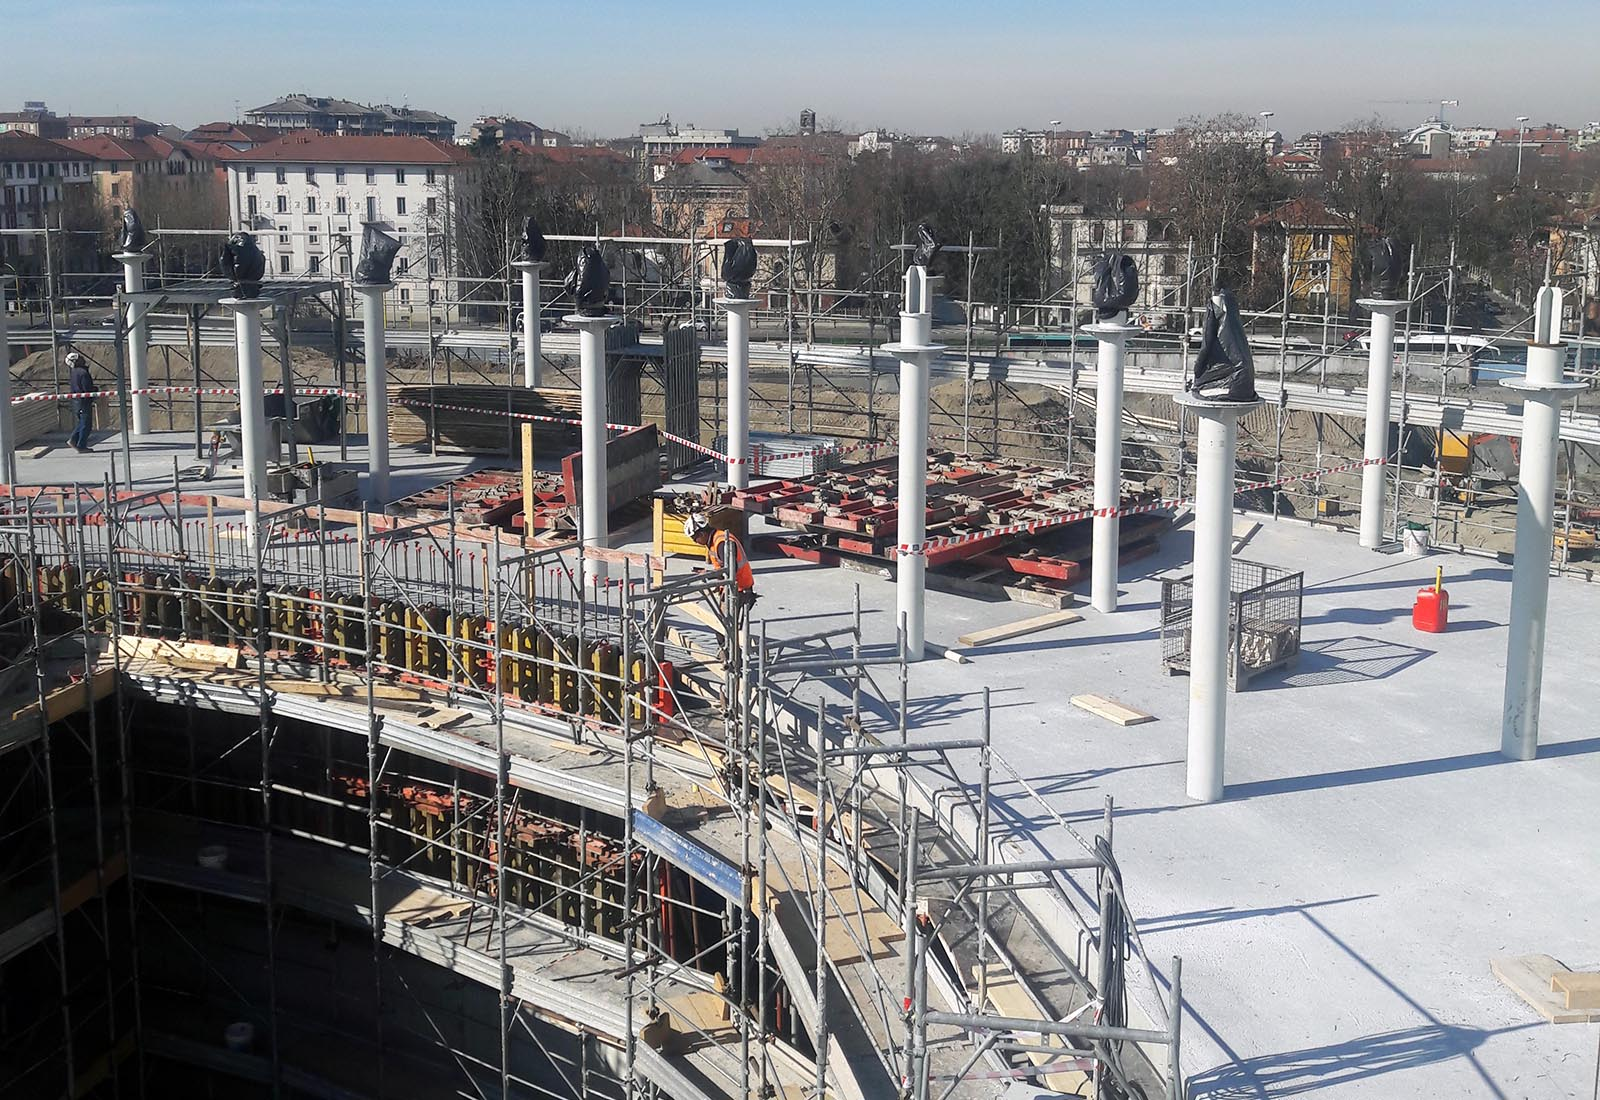 Residenze universitarie Bocconi in via Castiglioni a Milano - I pilastri in acciaio